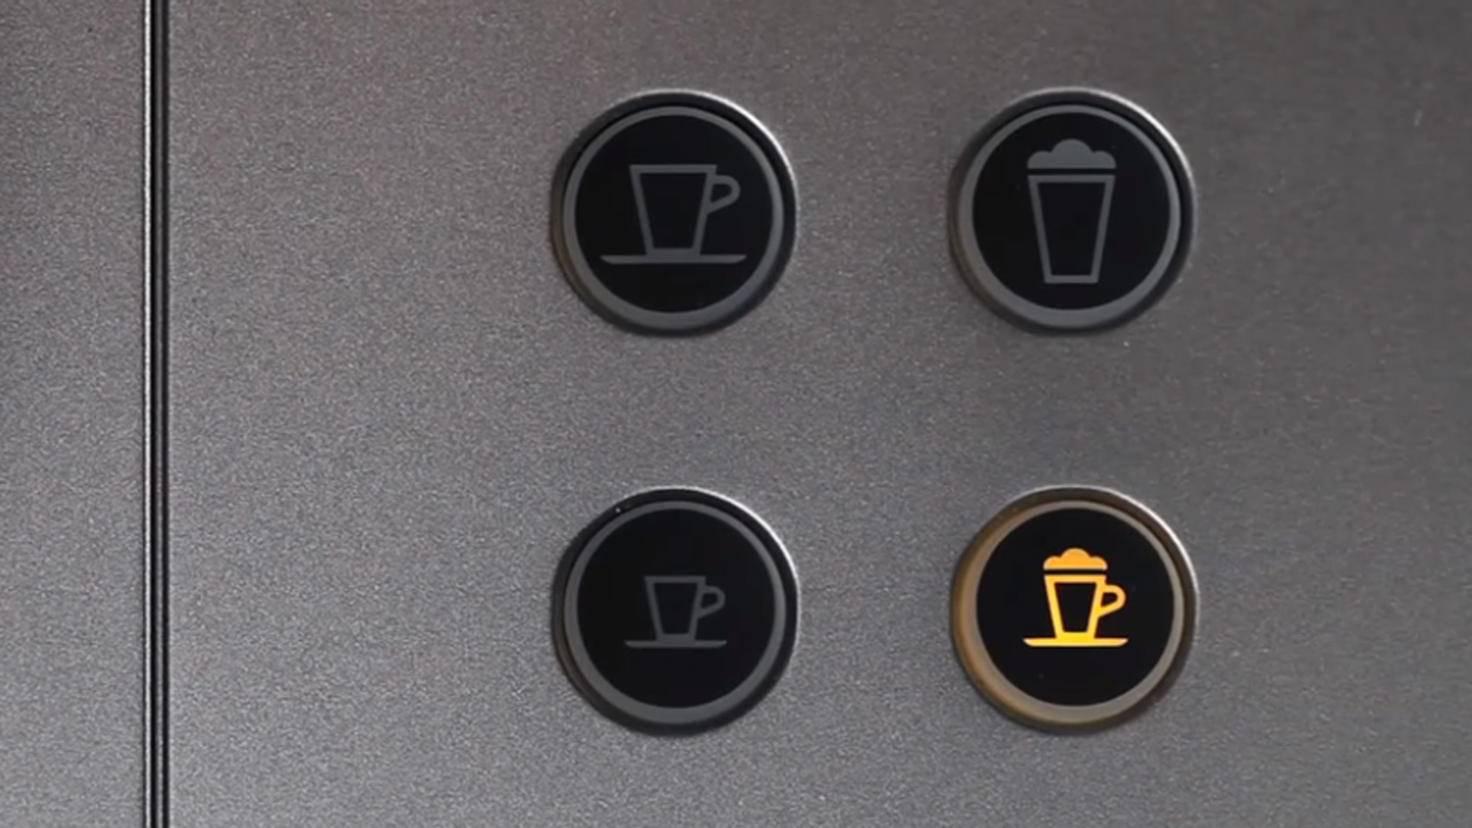 Wenn die Cappuccino-Taste leuchtet, bist Du auf dem richtigen Weg.